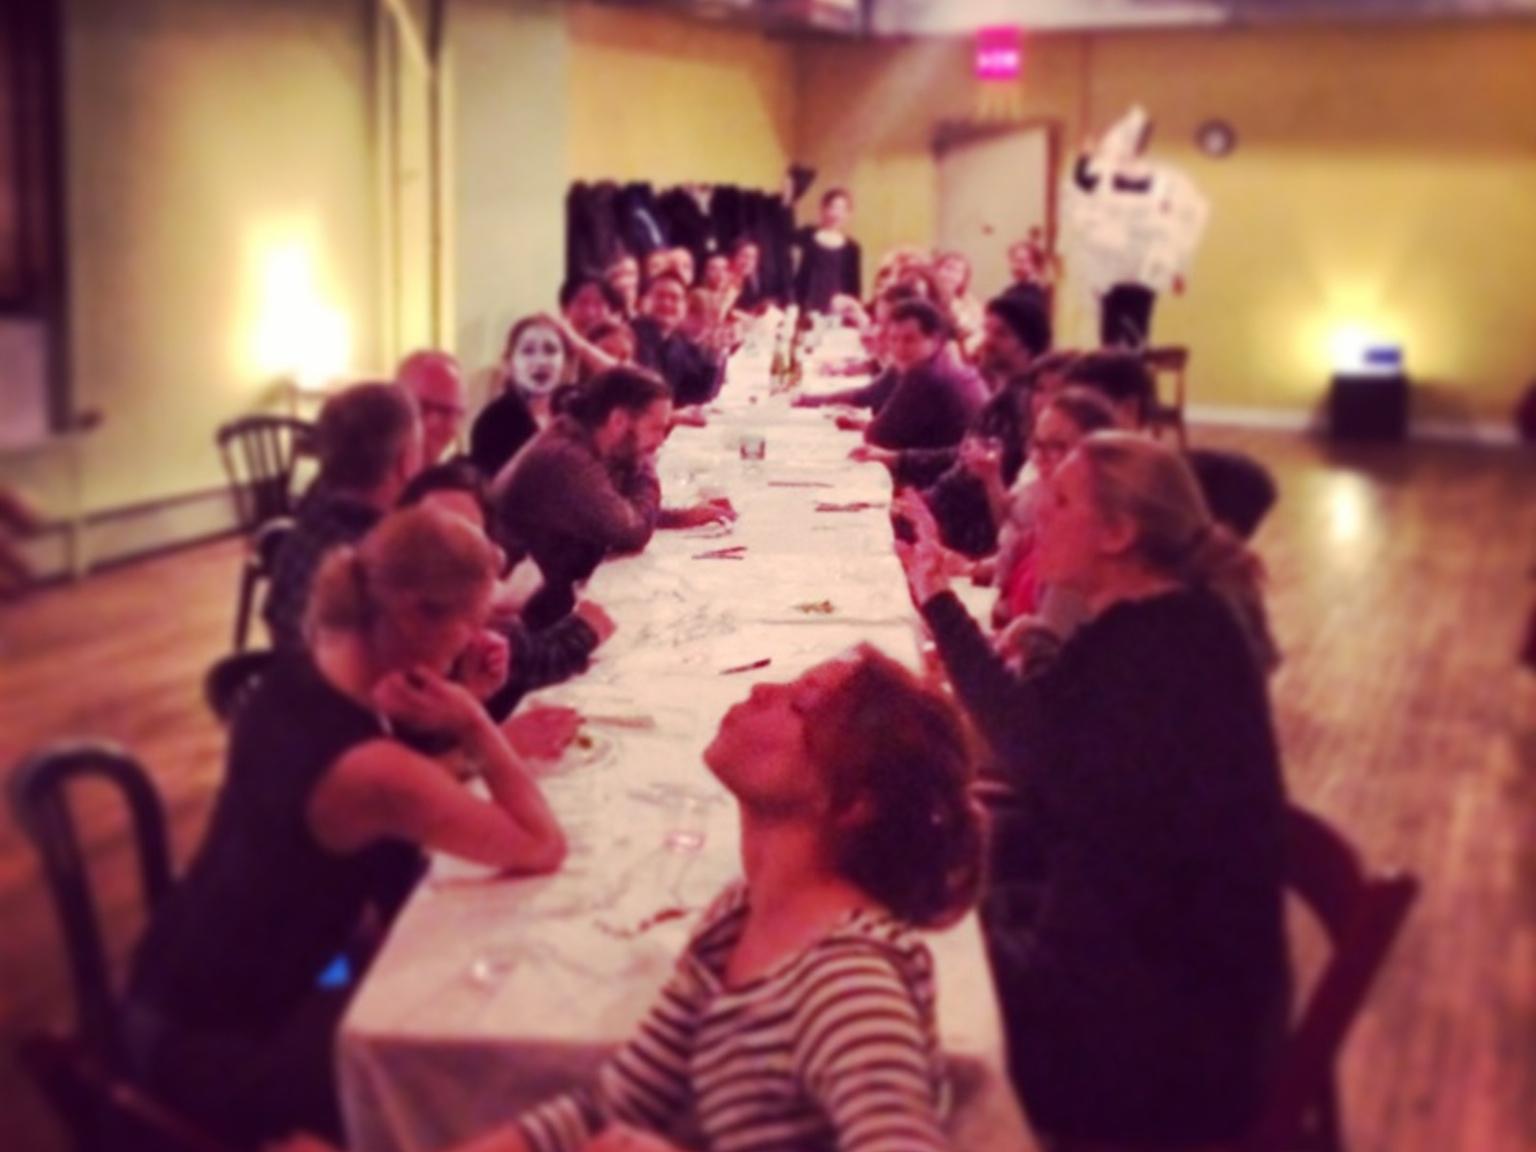 A Serious Banquet